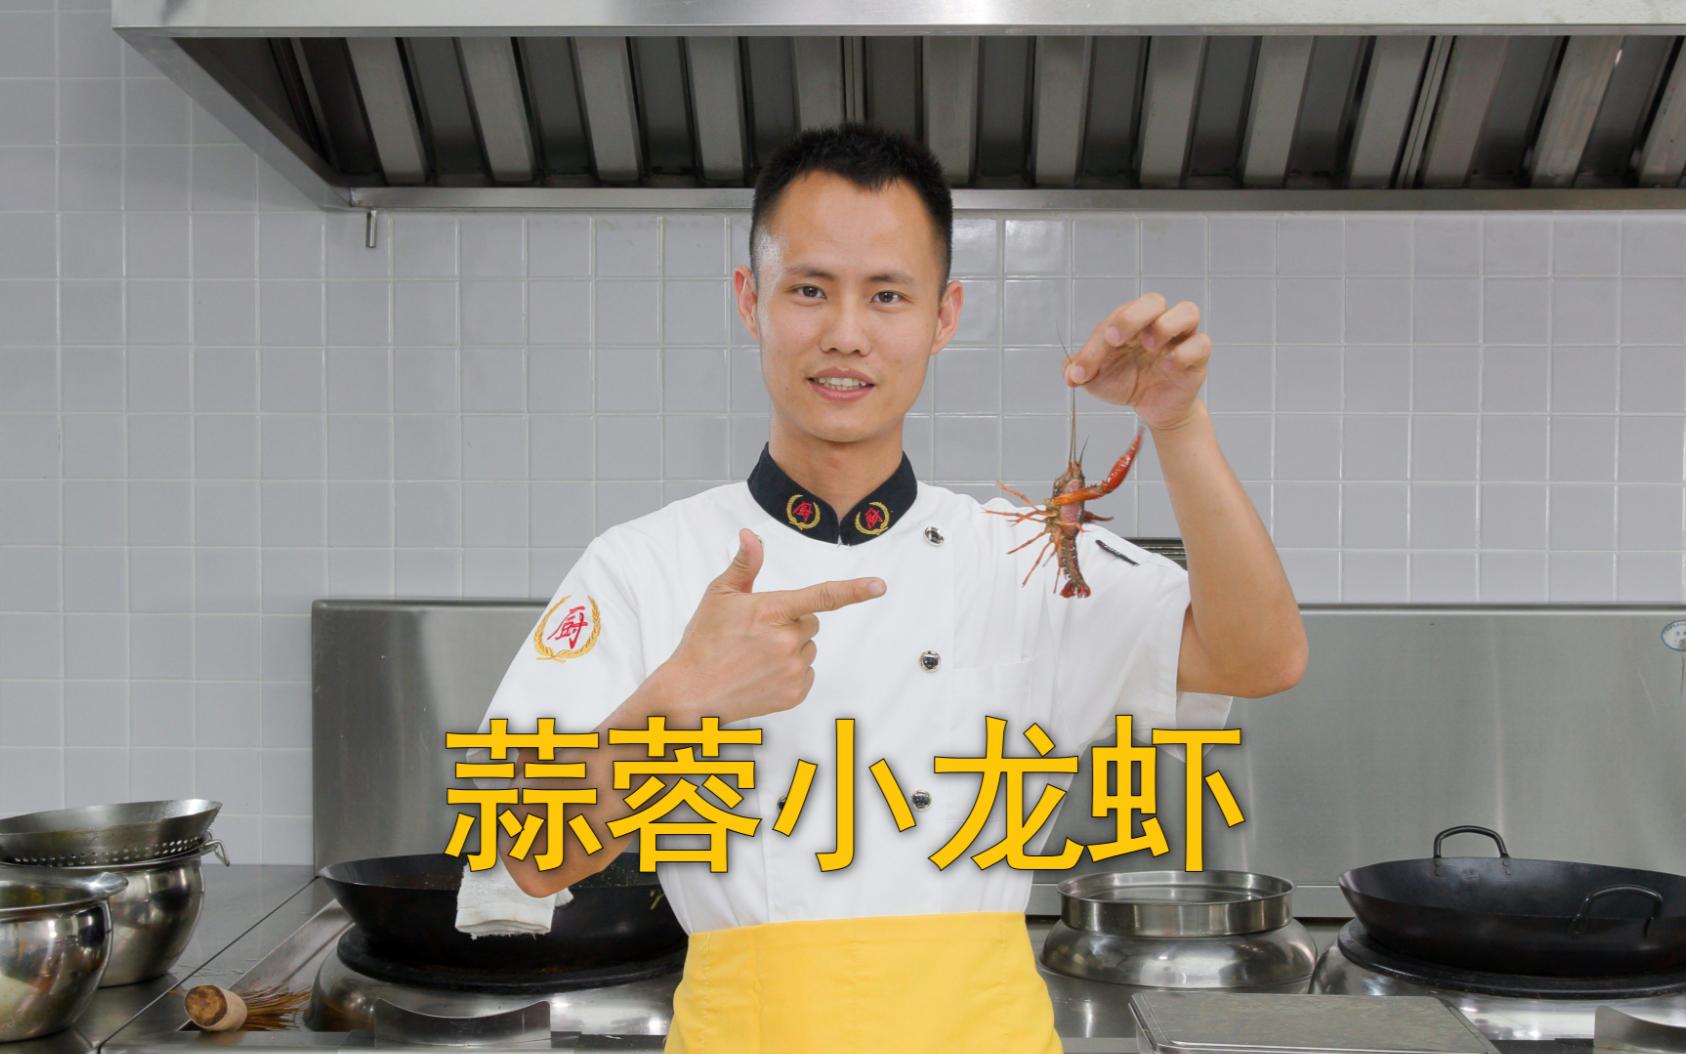 厨师长教你: 蒜蓉小龙虾 的家常做法,蒜香浓郁,唇齿留香